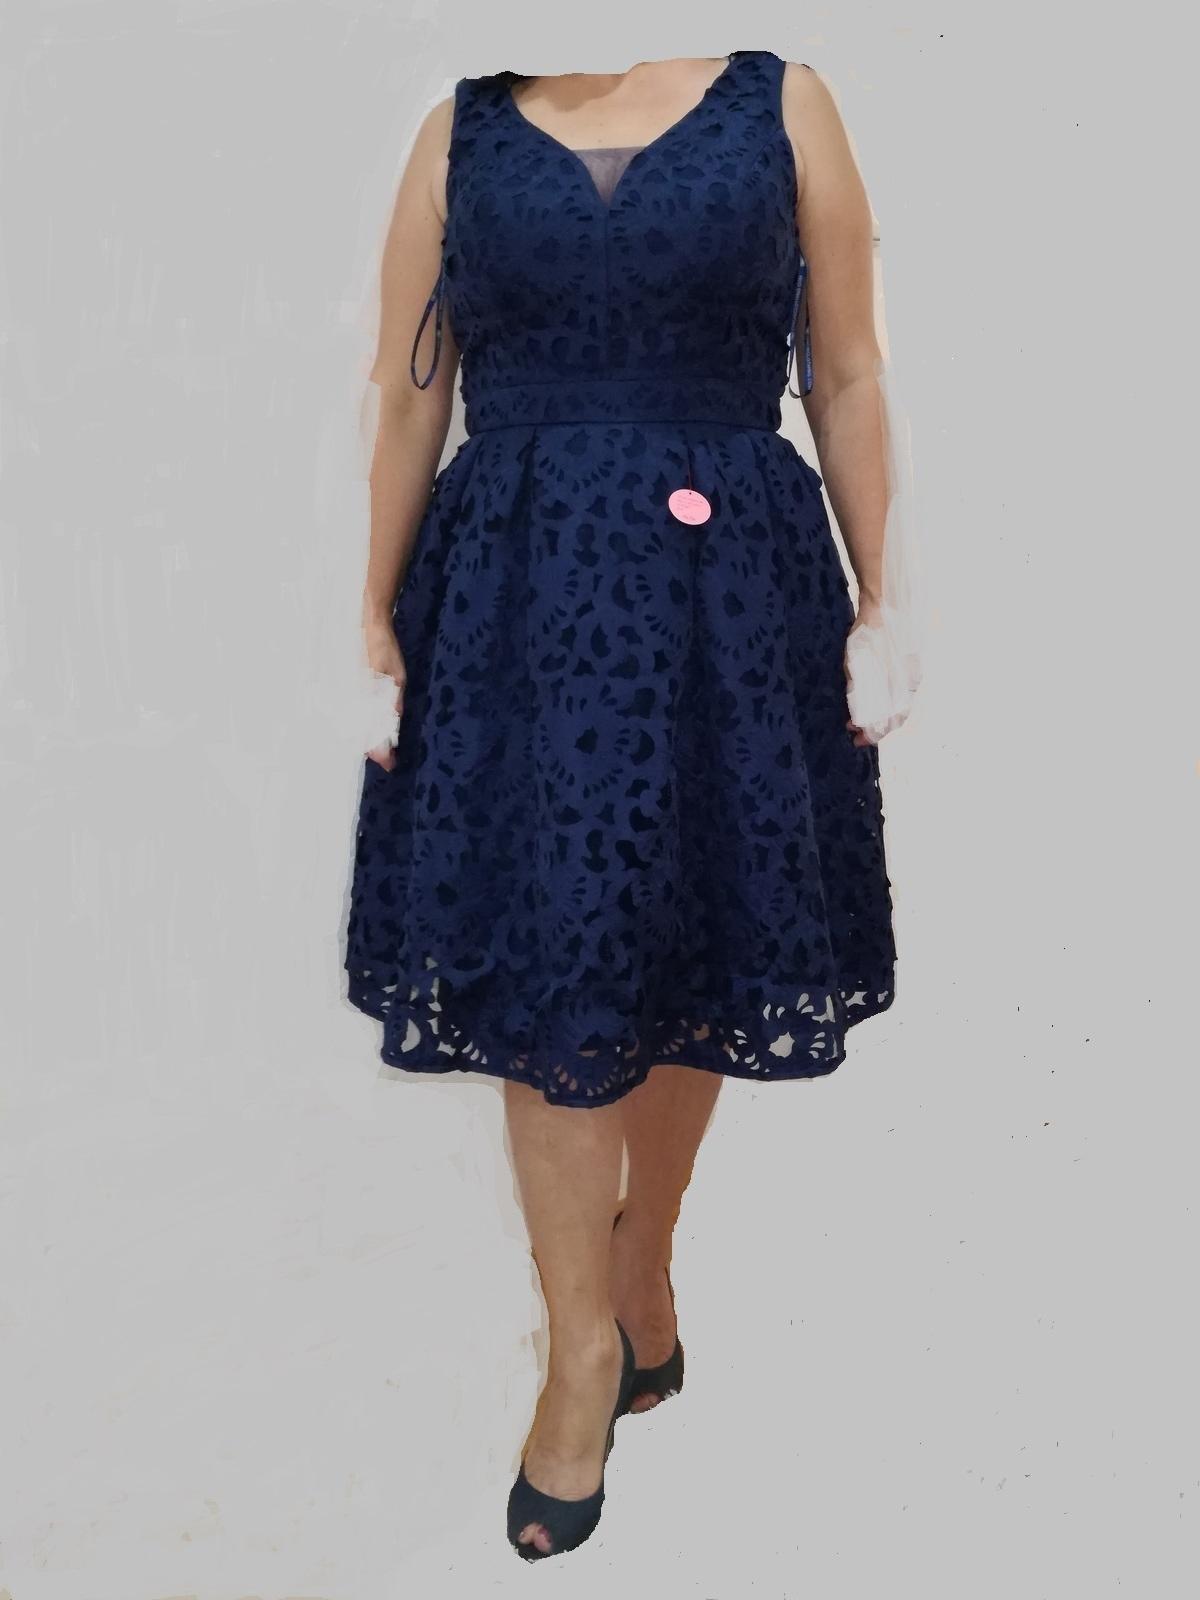 prekrásne luxusne šaty č. XL - Obrázok č. 1